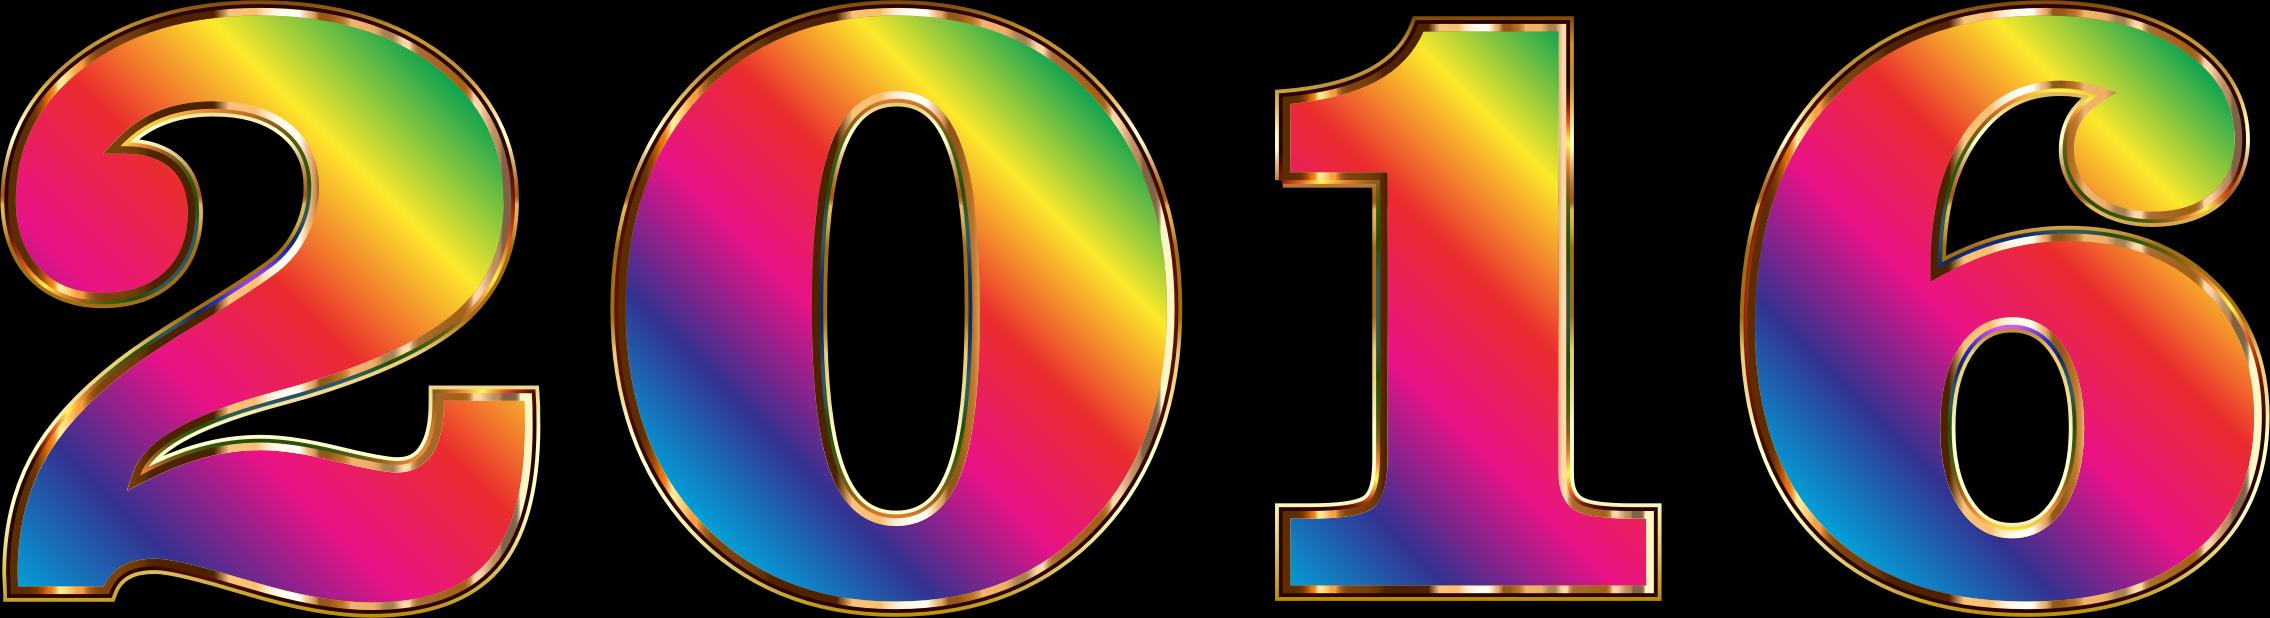 Resultado de imagen de 2016